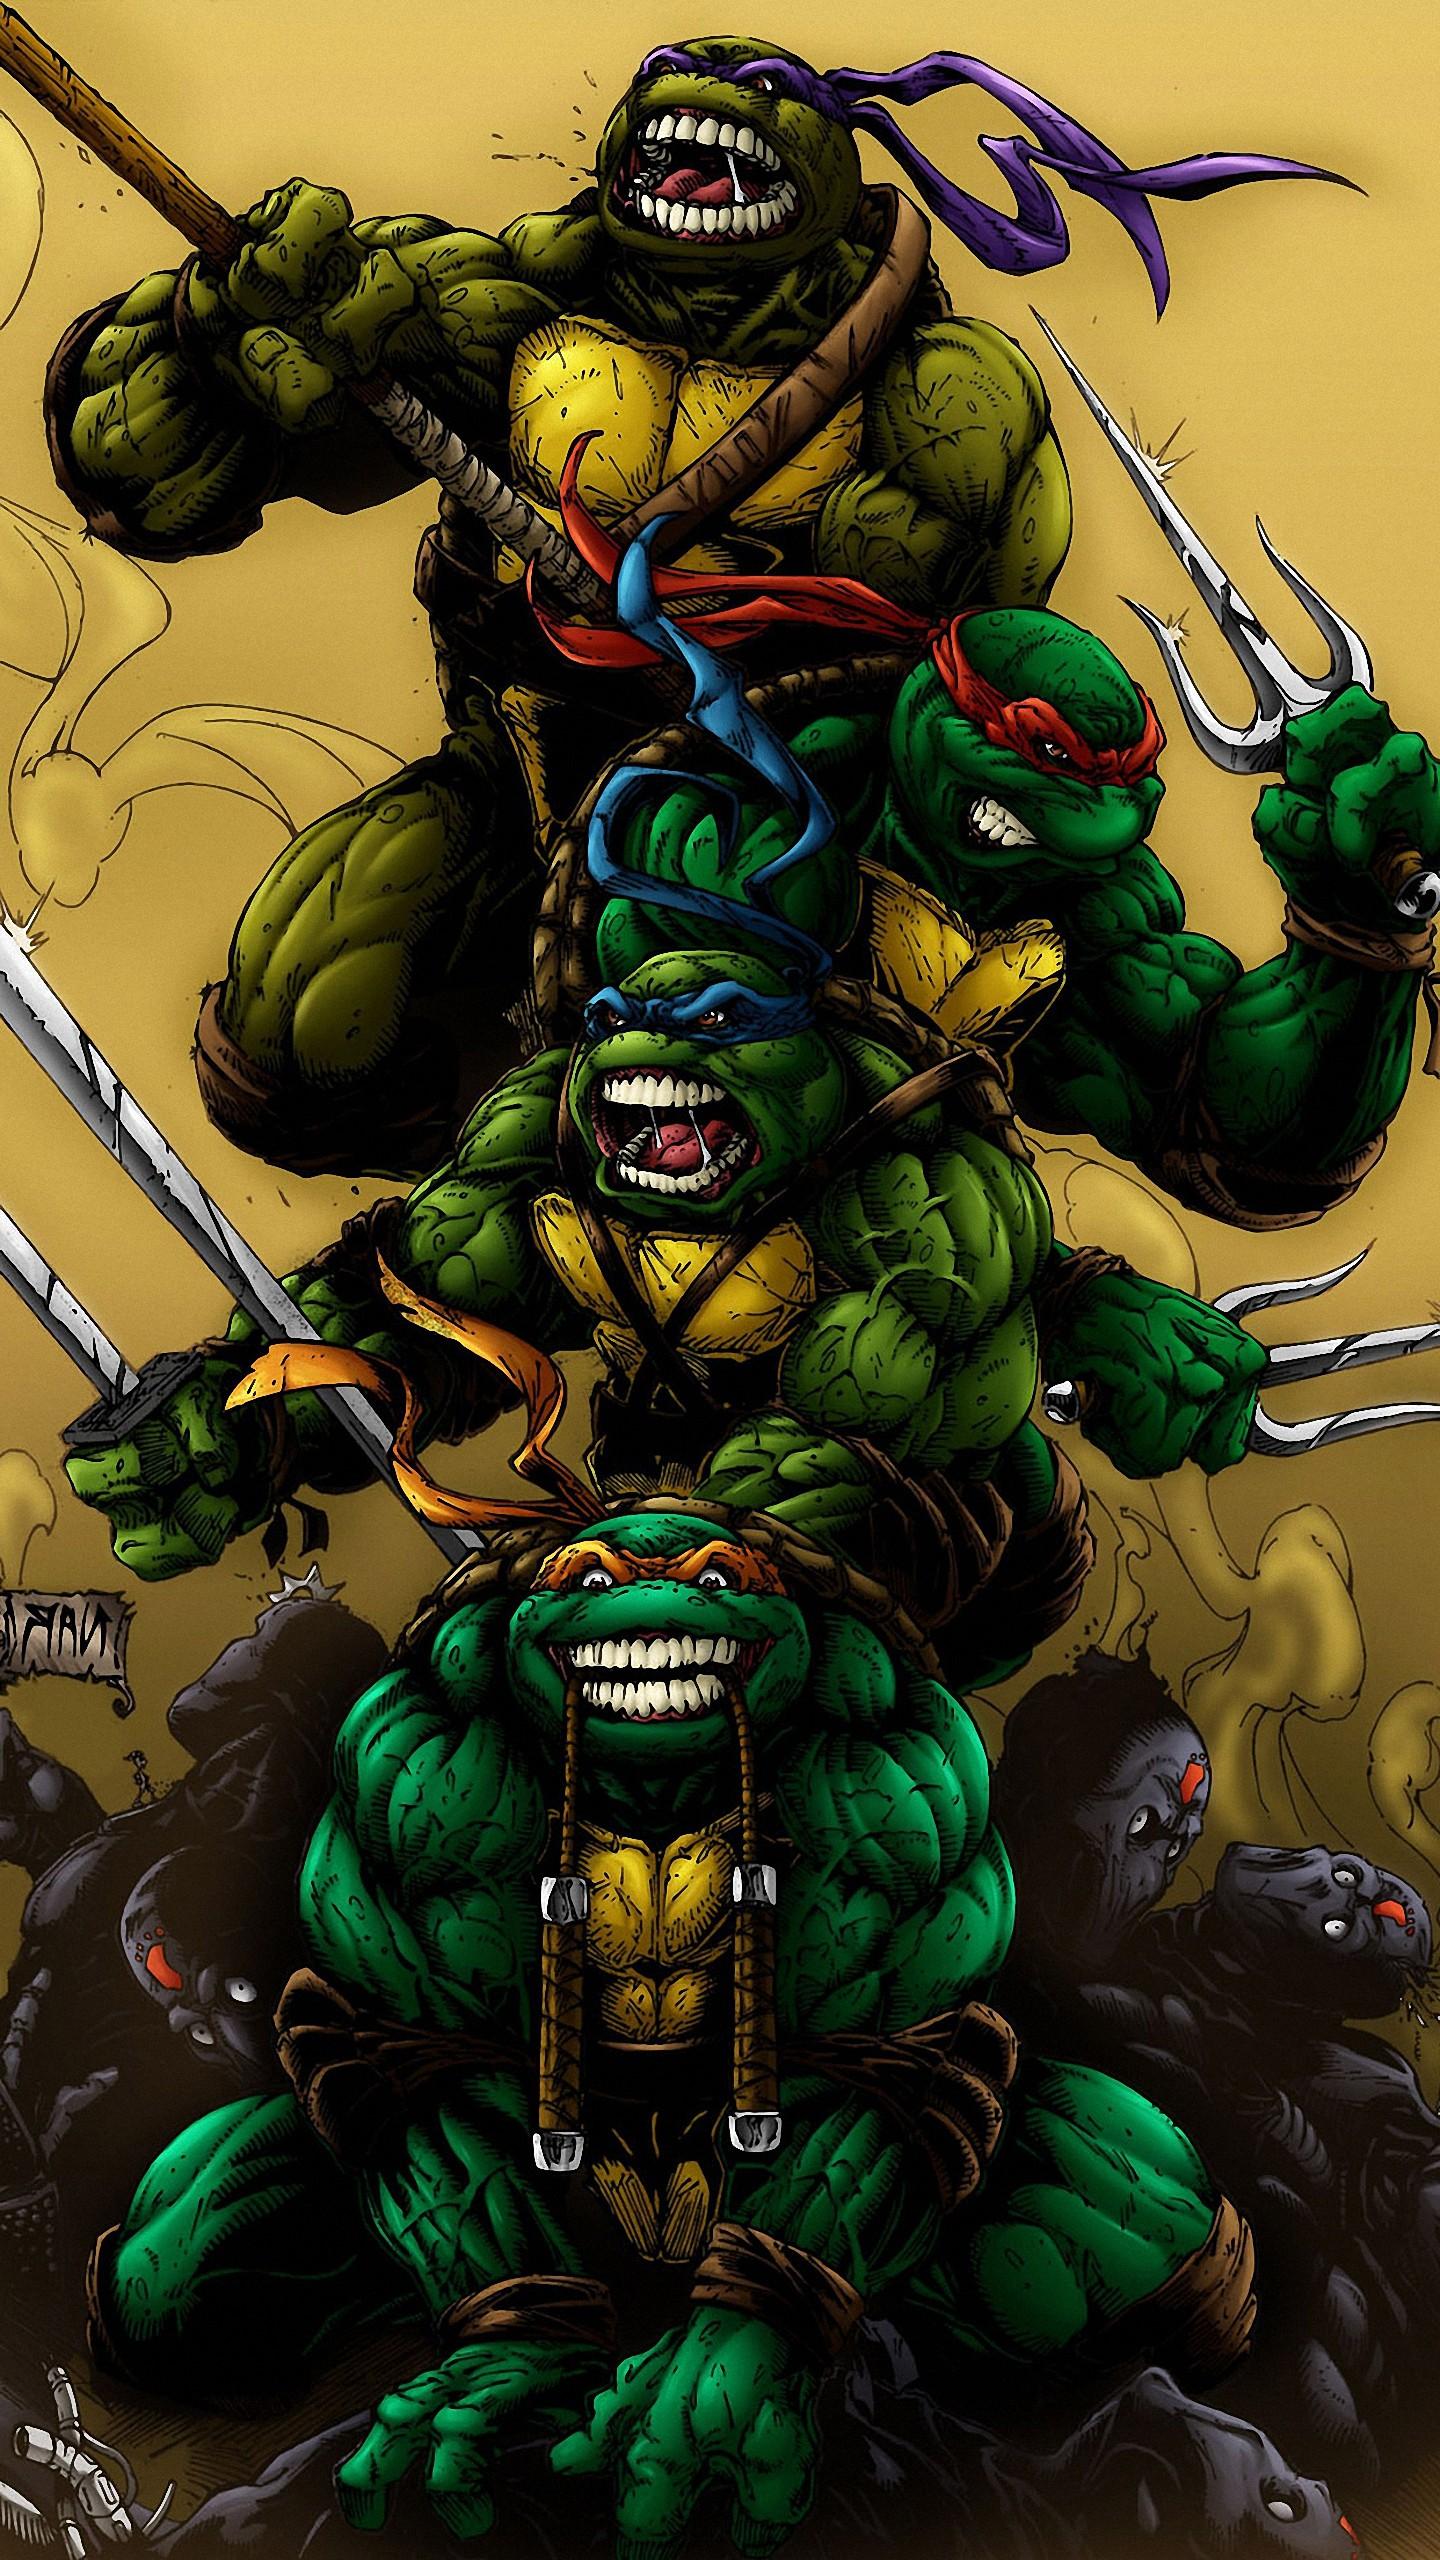 Ninja Turtle Nails: Ninja Turtles Wallpaper (72+ Images